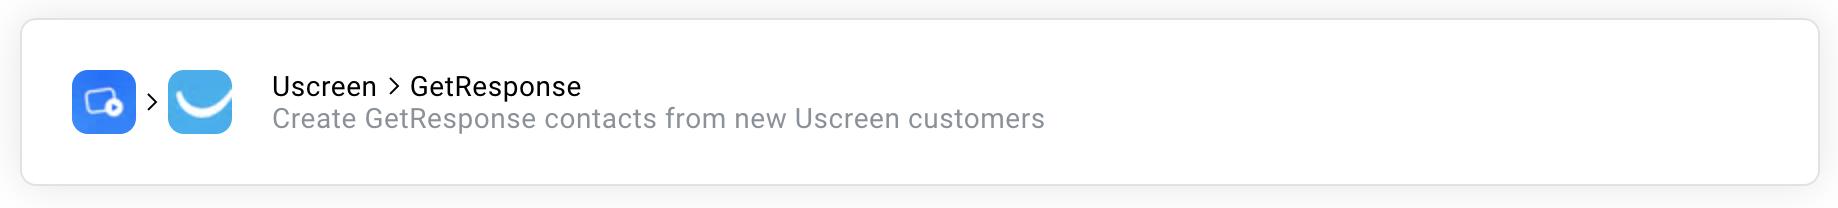 uscreen getresponse zap.